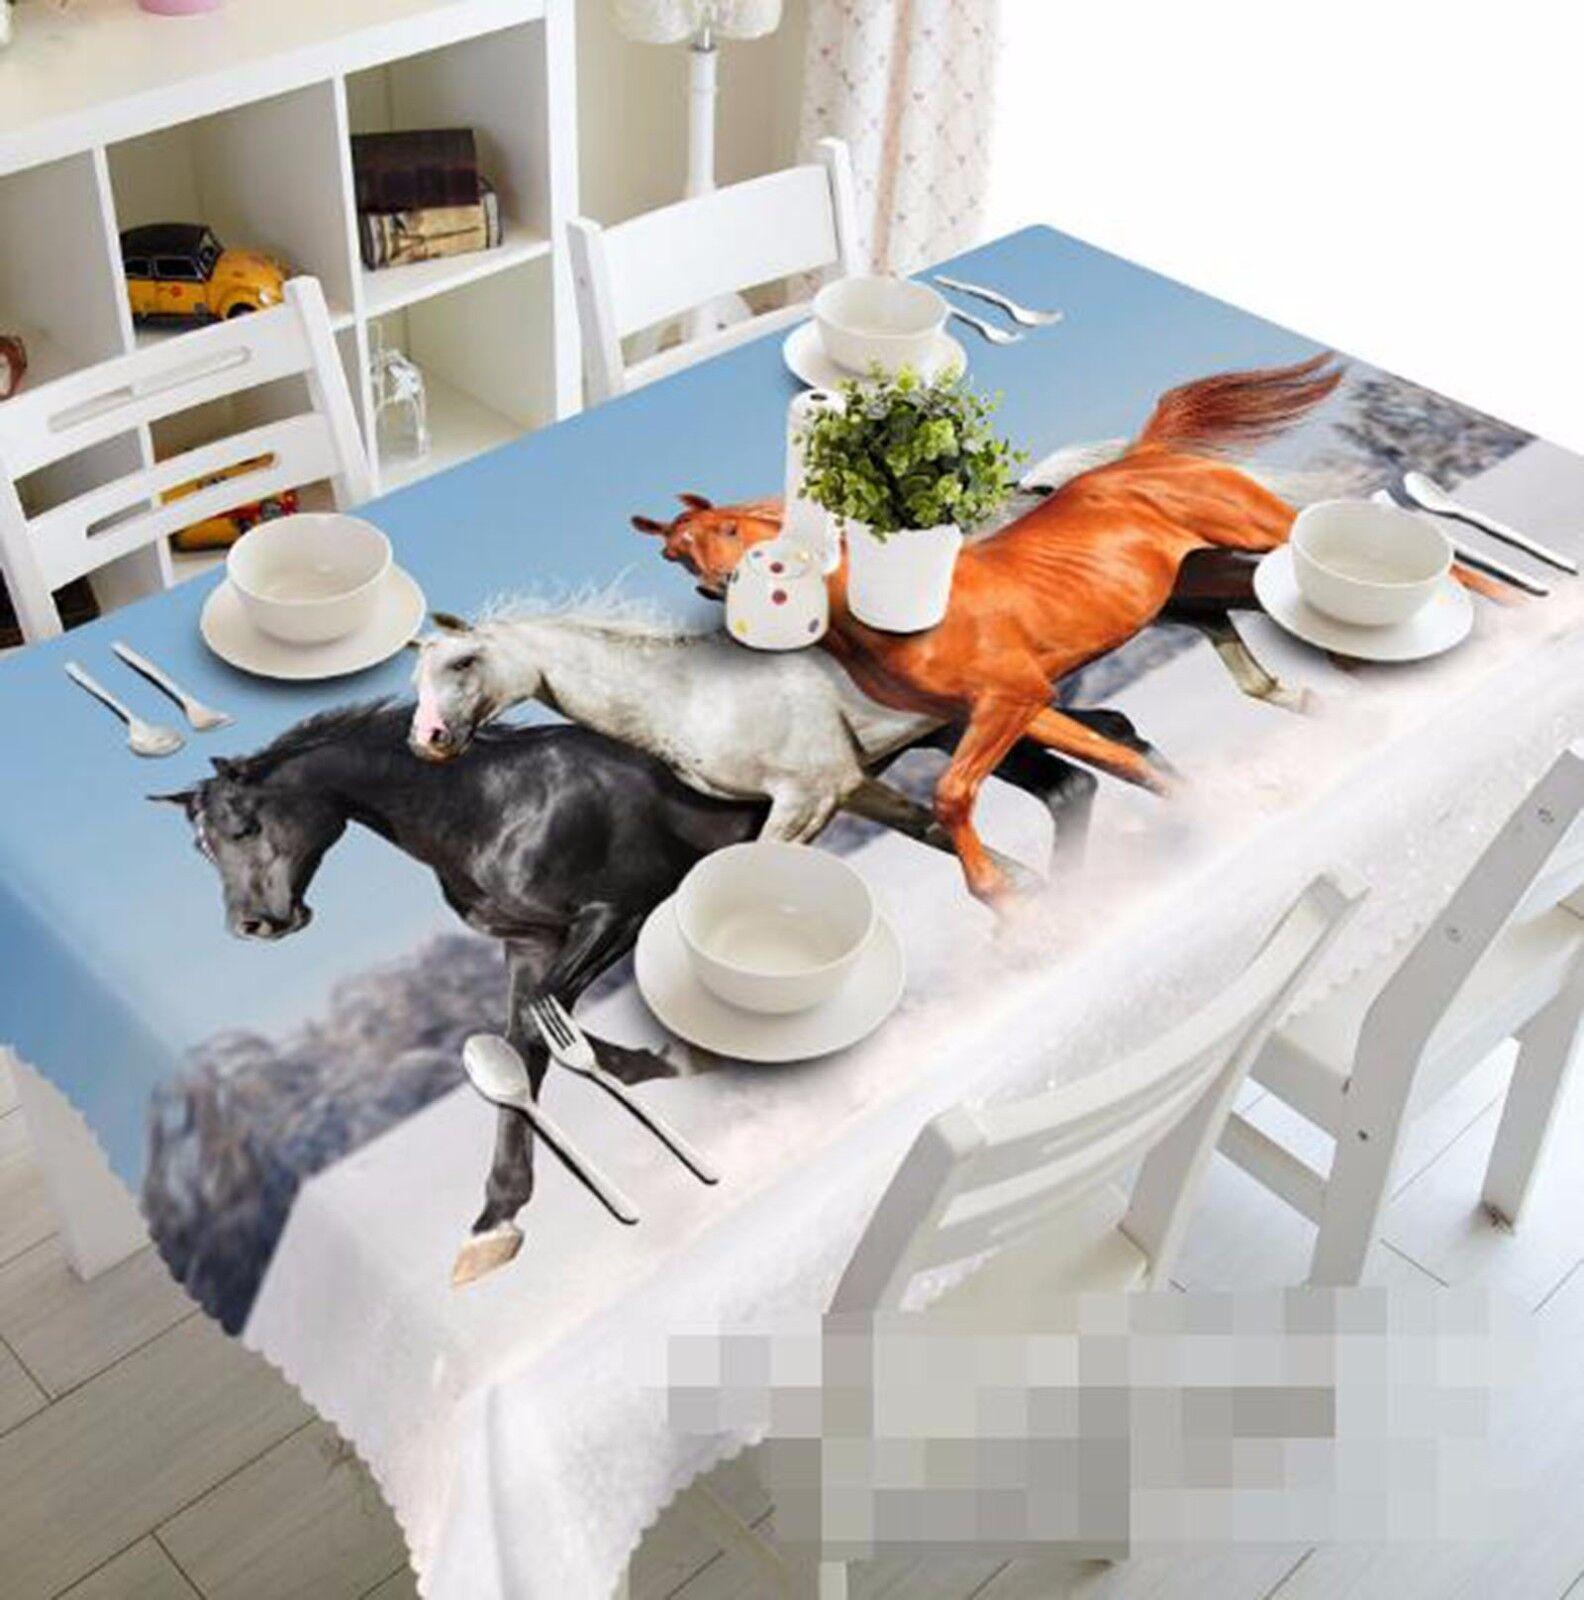 3D Cheval 67 Nappe Table Cover Cloth fête d'anniversaire AJ papier peint Royaume-Uni Citron